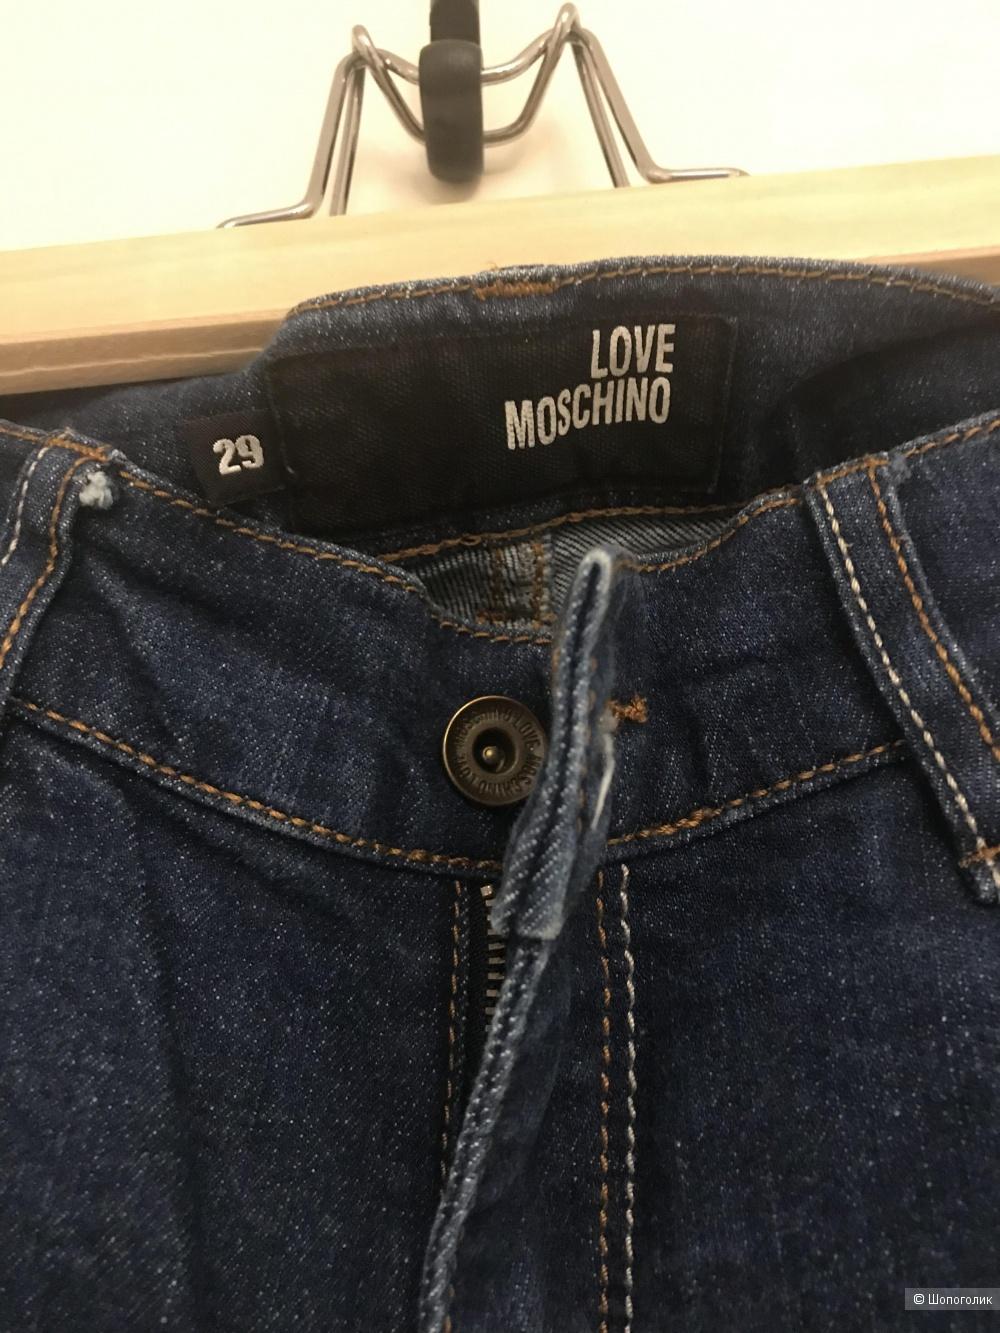 Love mochino джинсы 29 размер